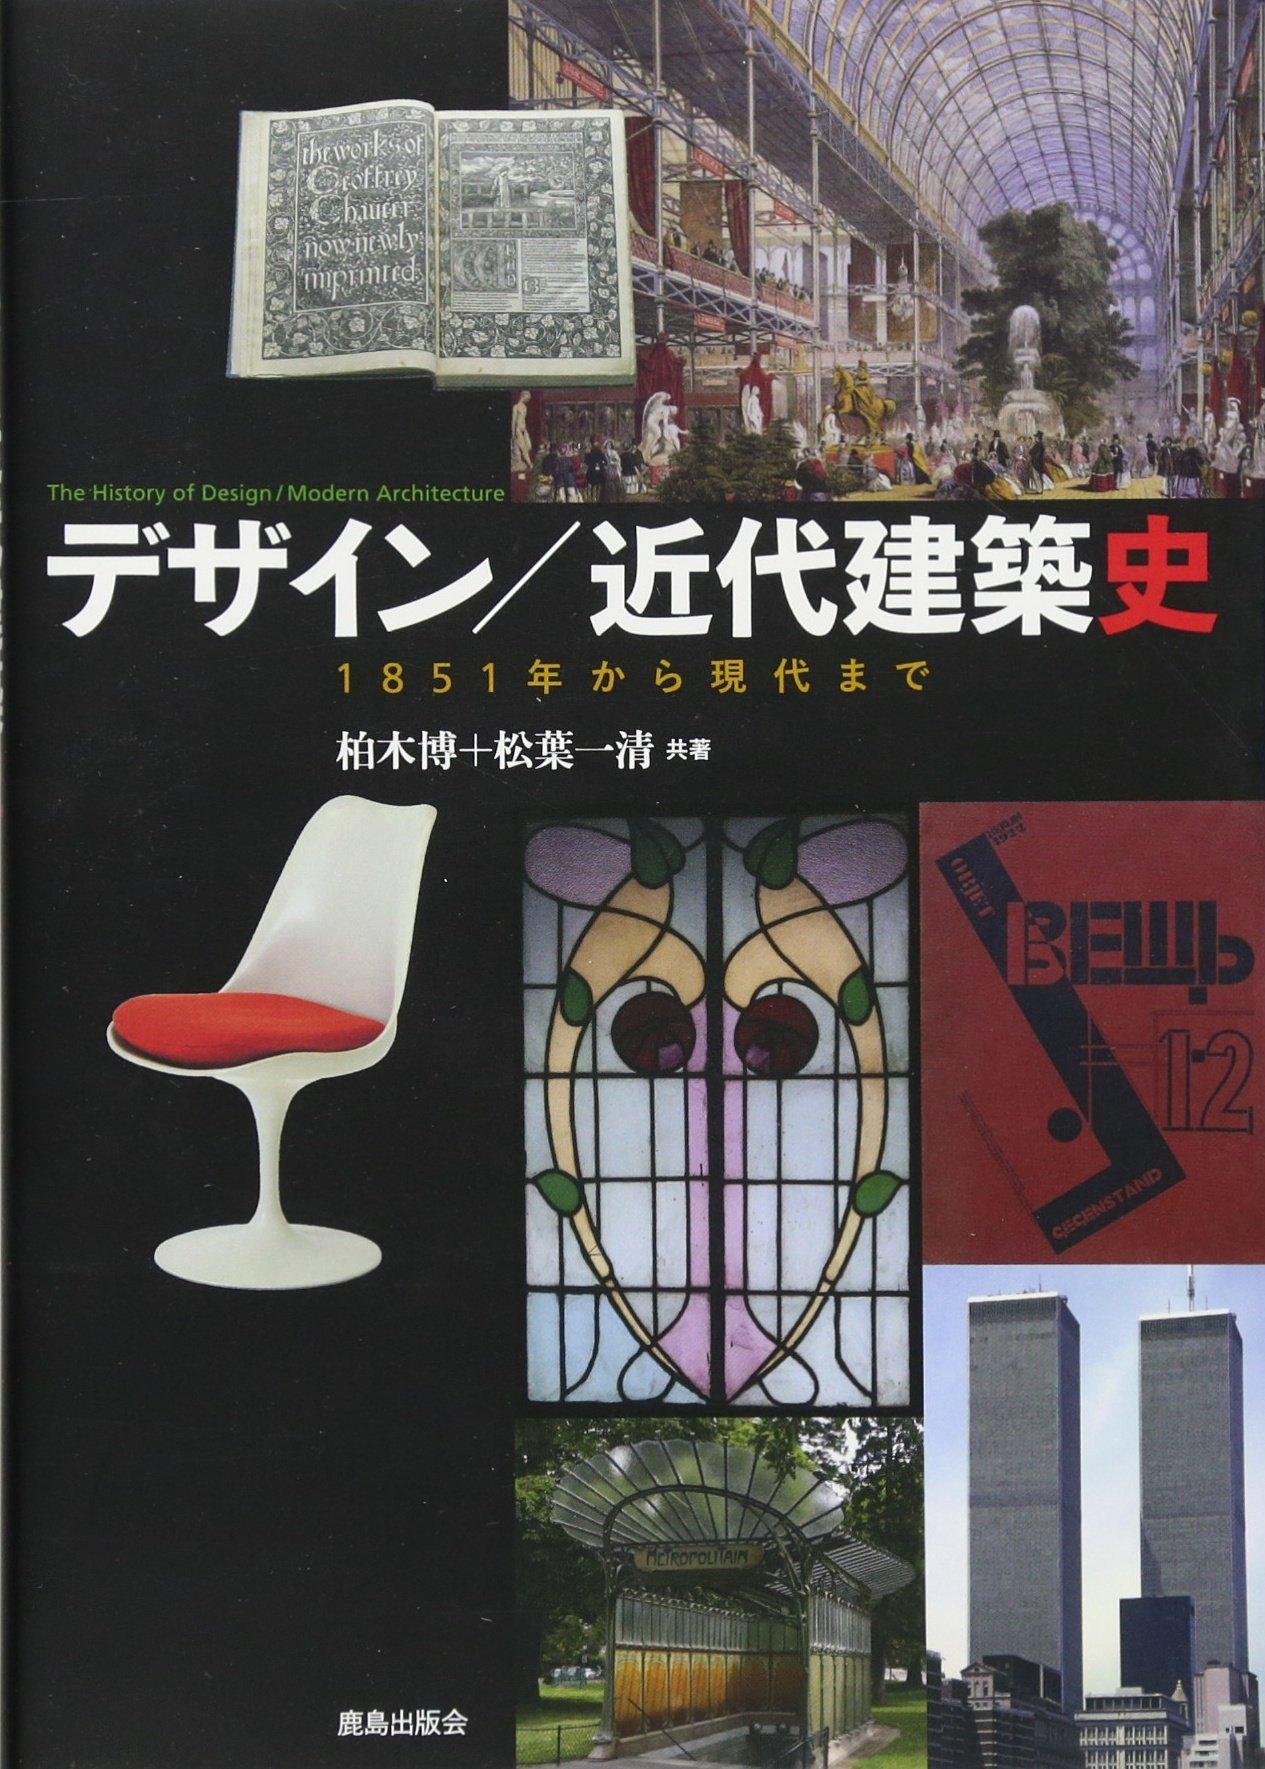 デザイン/近代建築史―1851年から現代まで | 柏木 博, 松葉 一清 |本 ...